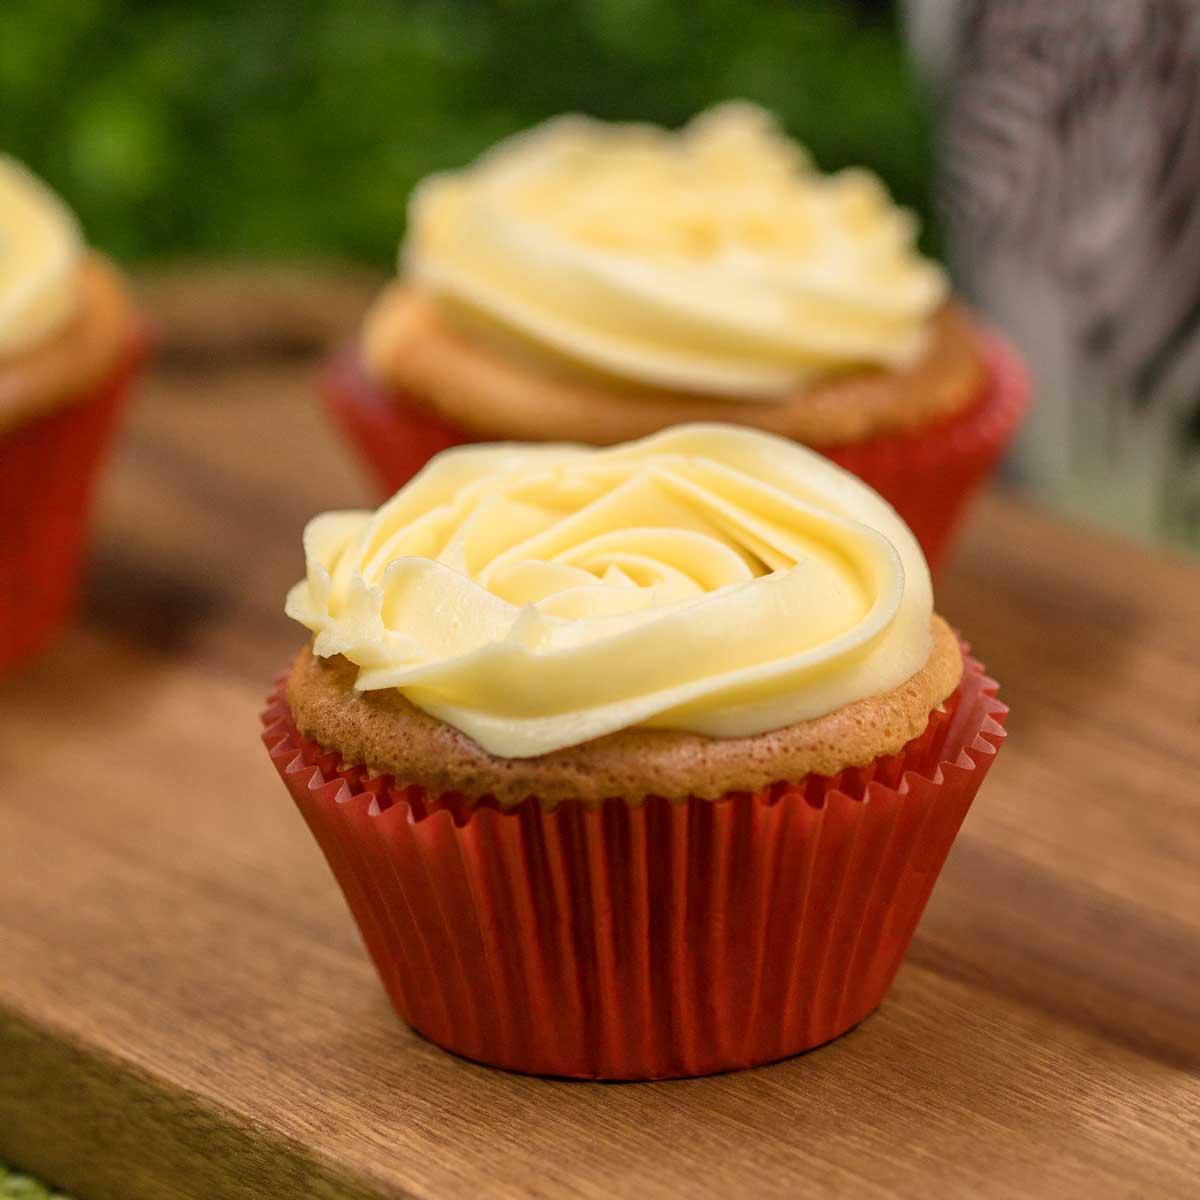 Die Käsekuchen-Cupcakes sind leckere Keto Muffins ohne Mehl und Zucker.